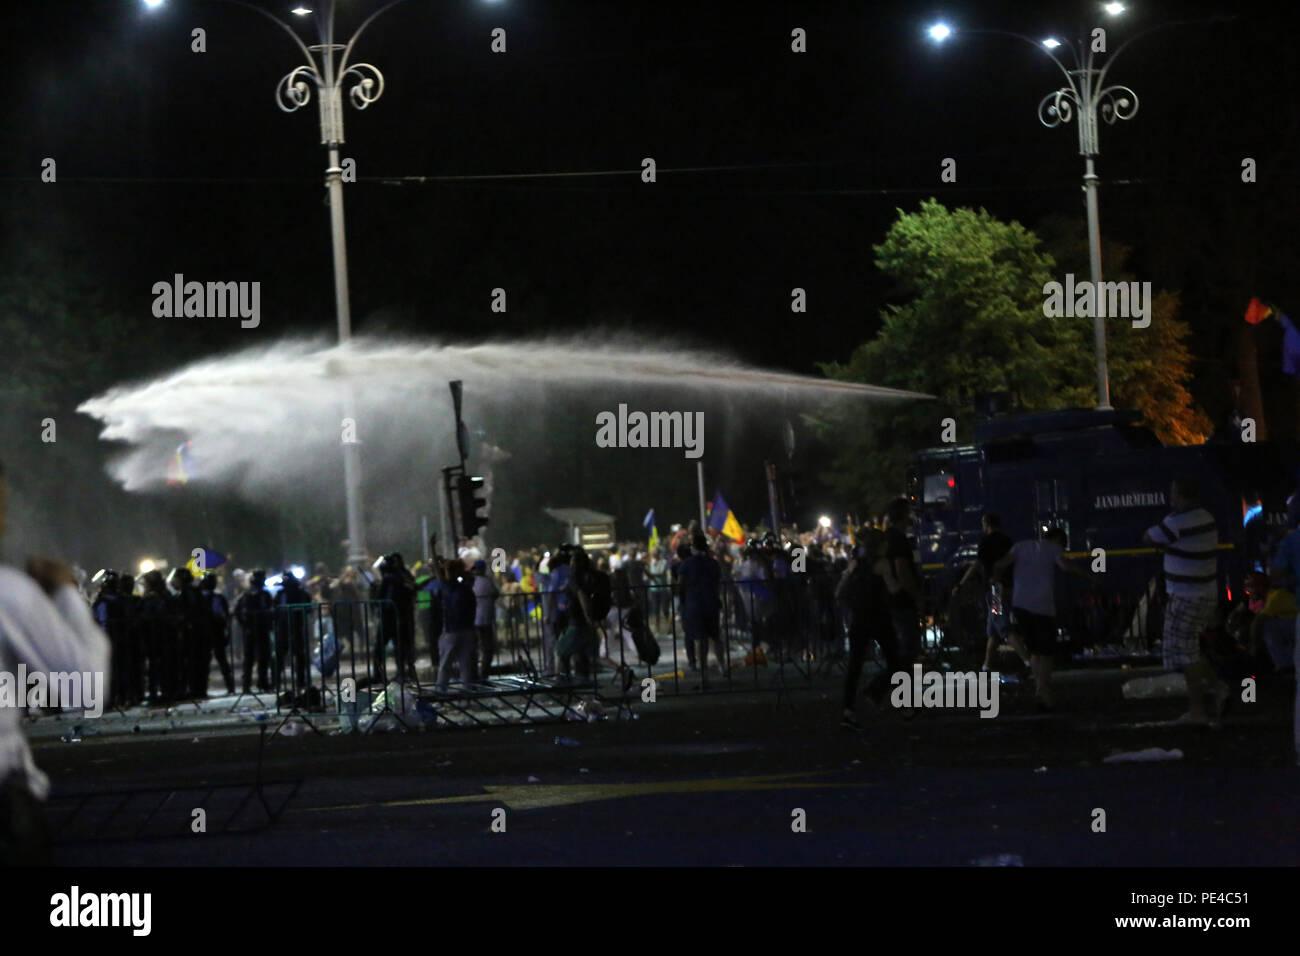 Bucarest, Romania - 10 agosto 2018: cannoni acquatici sono utilizzati durante il violento governo anti-protesta a Bucarest. Immagini Stock